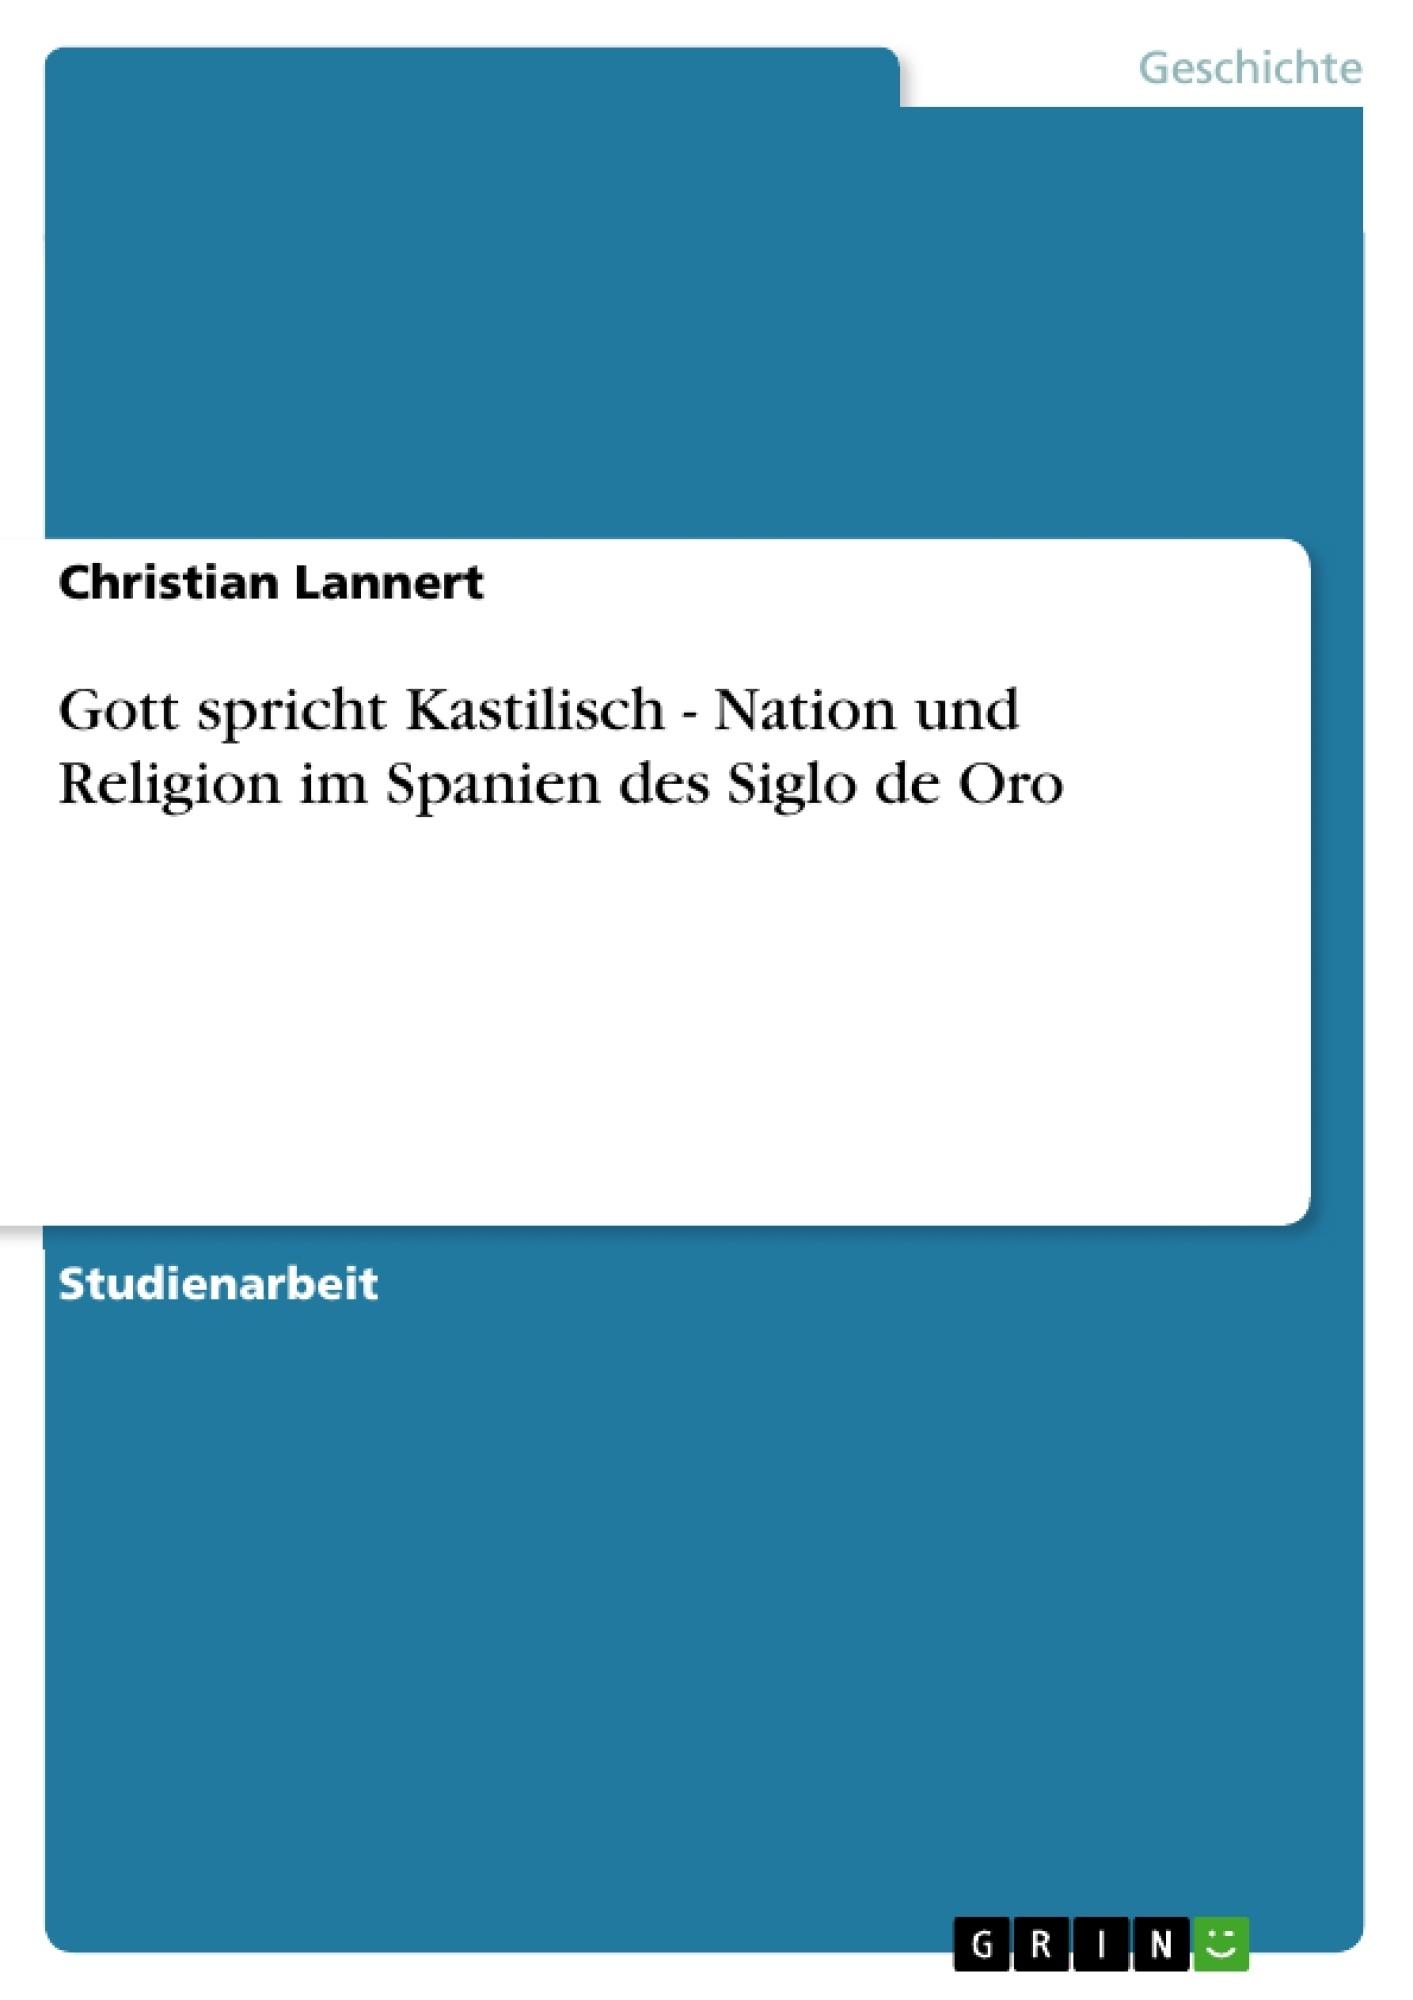 Titel: Gott spricht Kastilisch - Nation und Religion im Spanien des Siglo de Oro